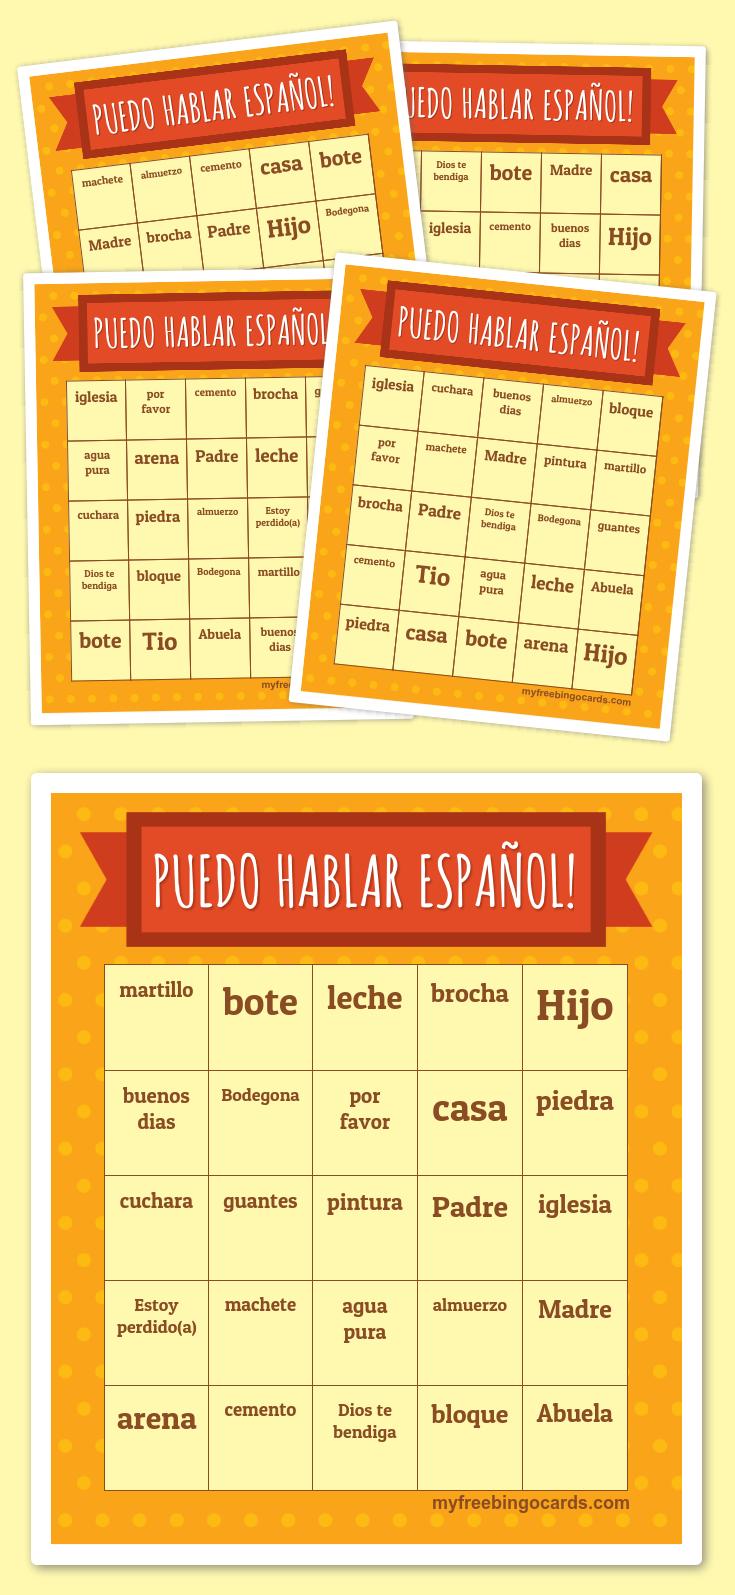 Puedo hablar Español! Bingo